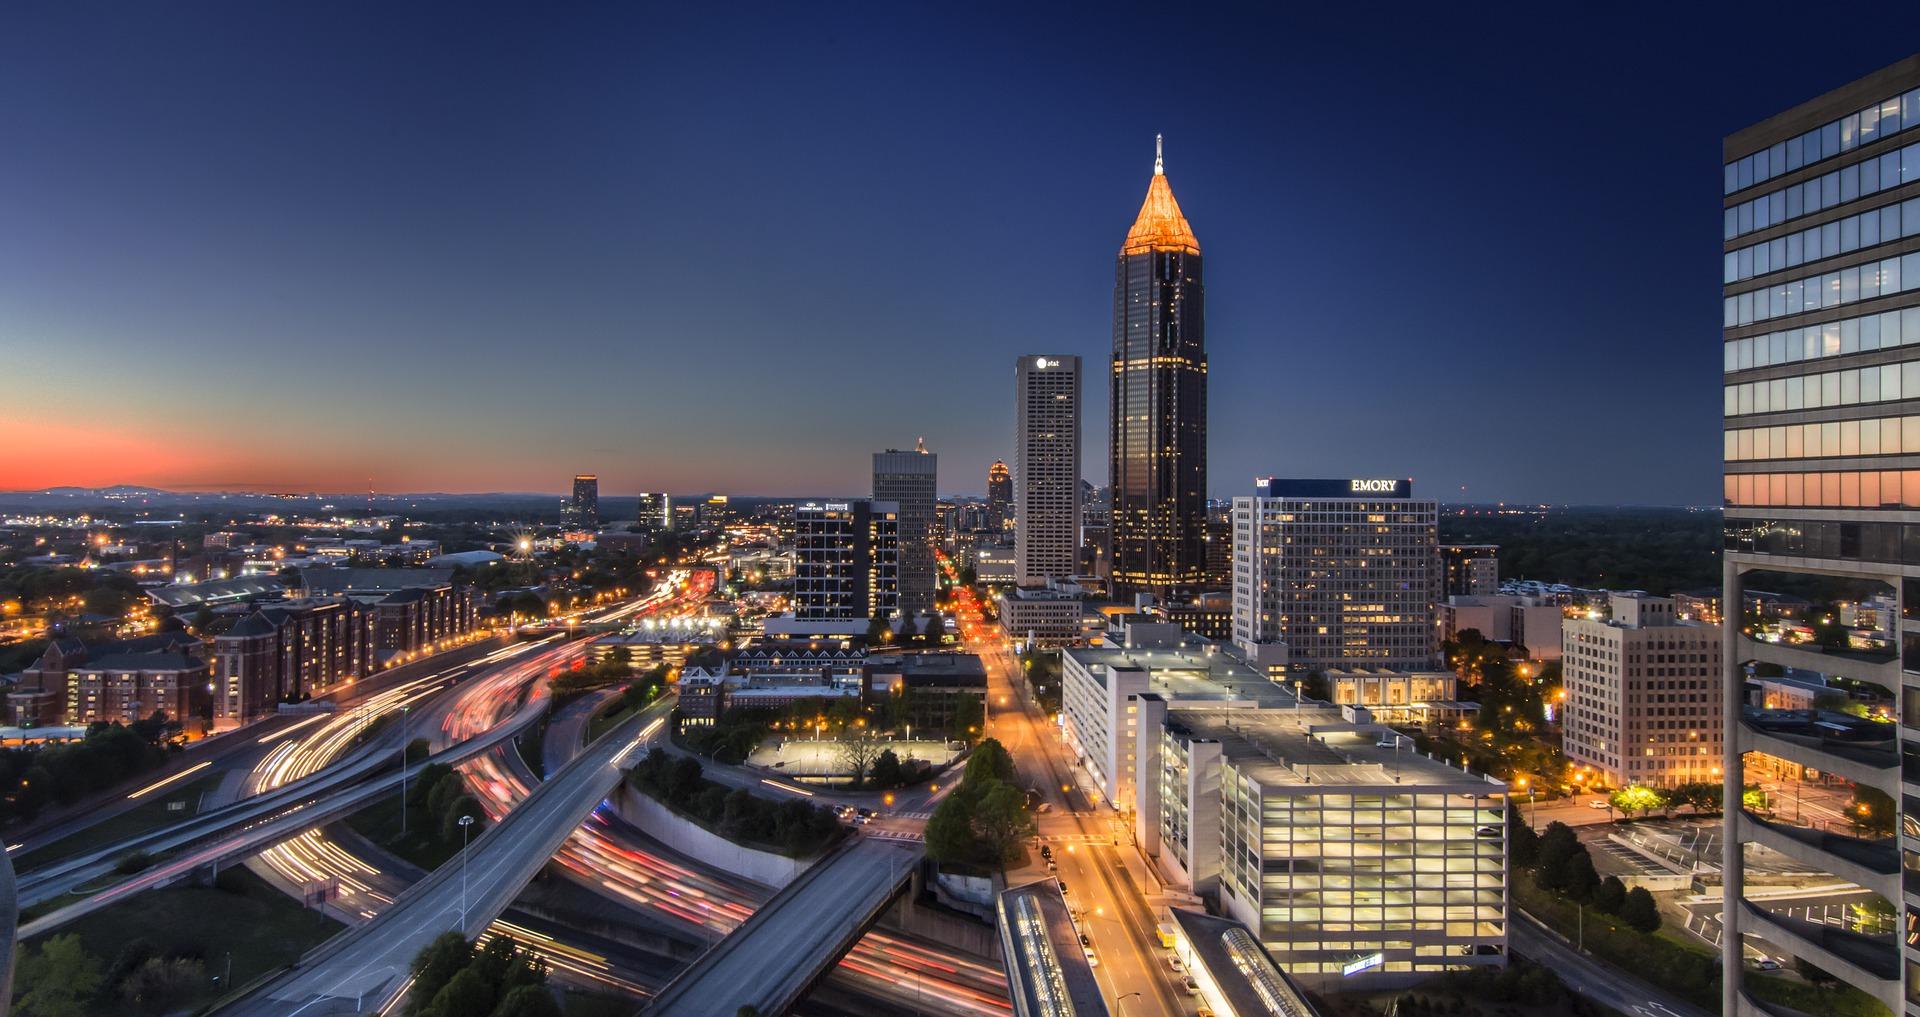 Image of Atlanta midtown skyline at night